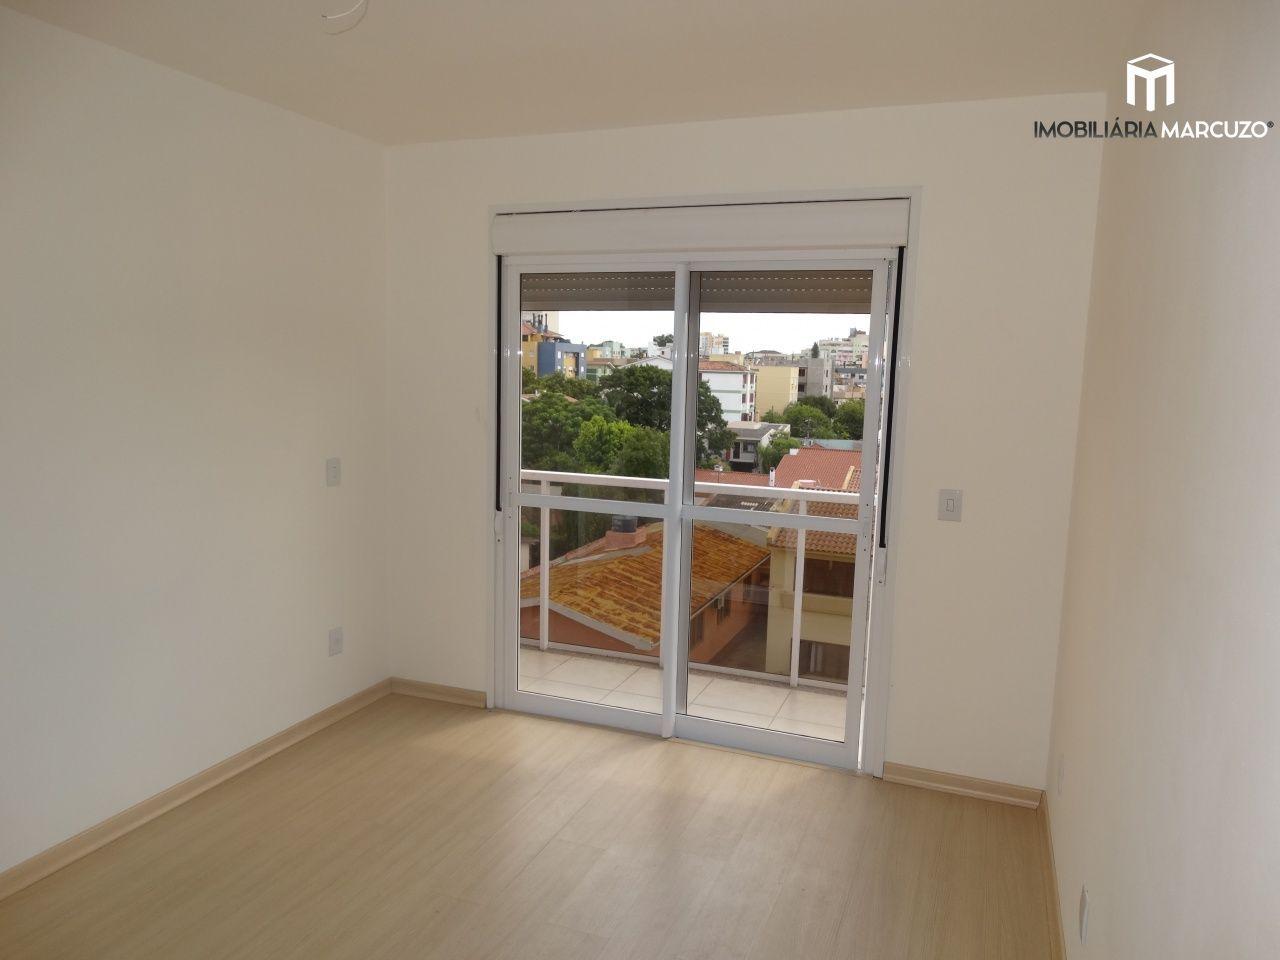 Apartamento com 3 Dormitórios à venda, 90 m² por R$ 370.000,00